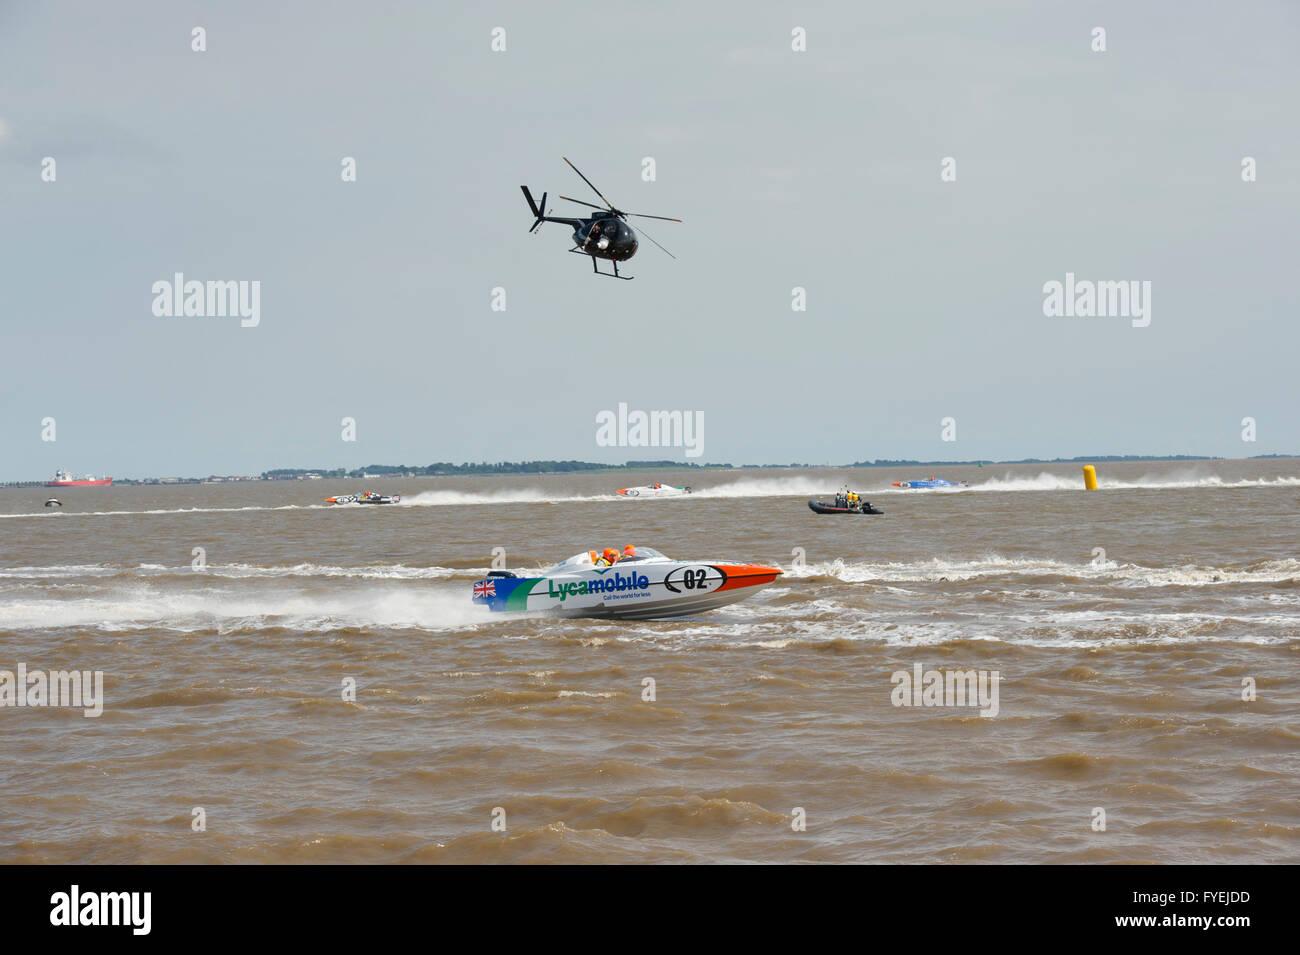 P1 Superstock Powerboat racing entlang der Humber vorbei an der Marina in der Stadt Hull, die von einem Hubschrauber Stockbild